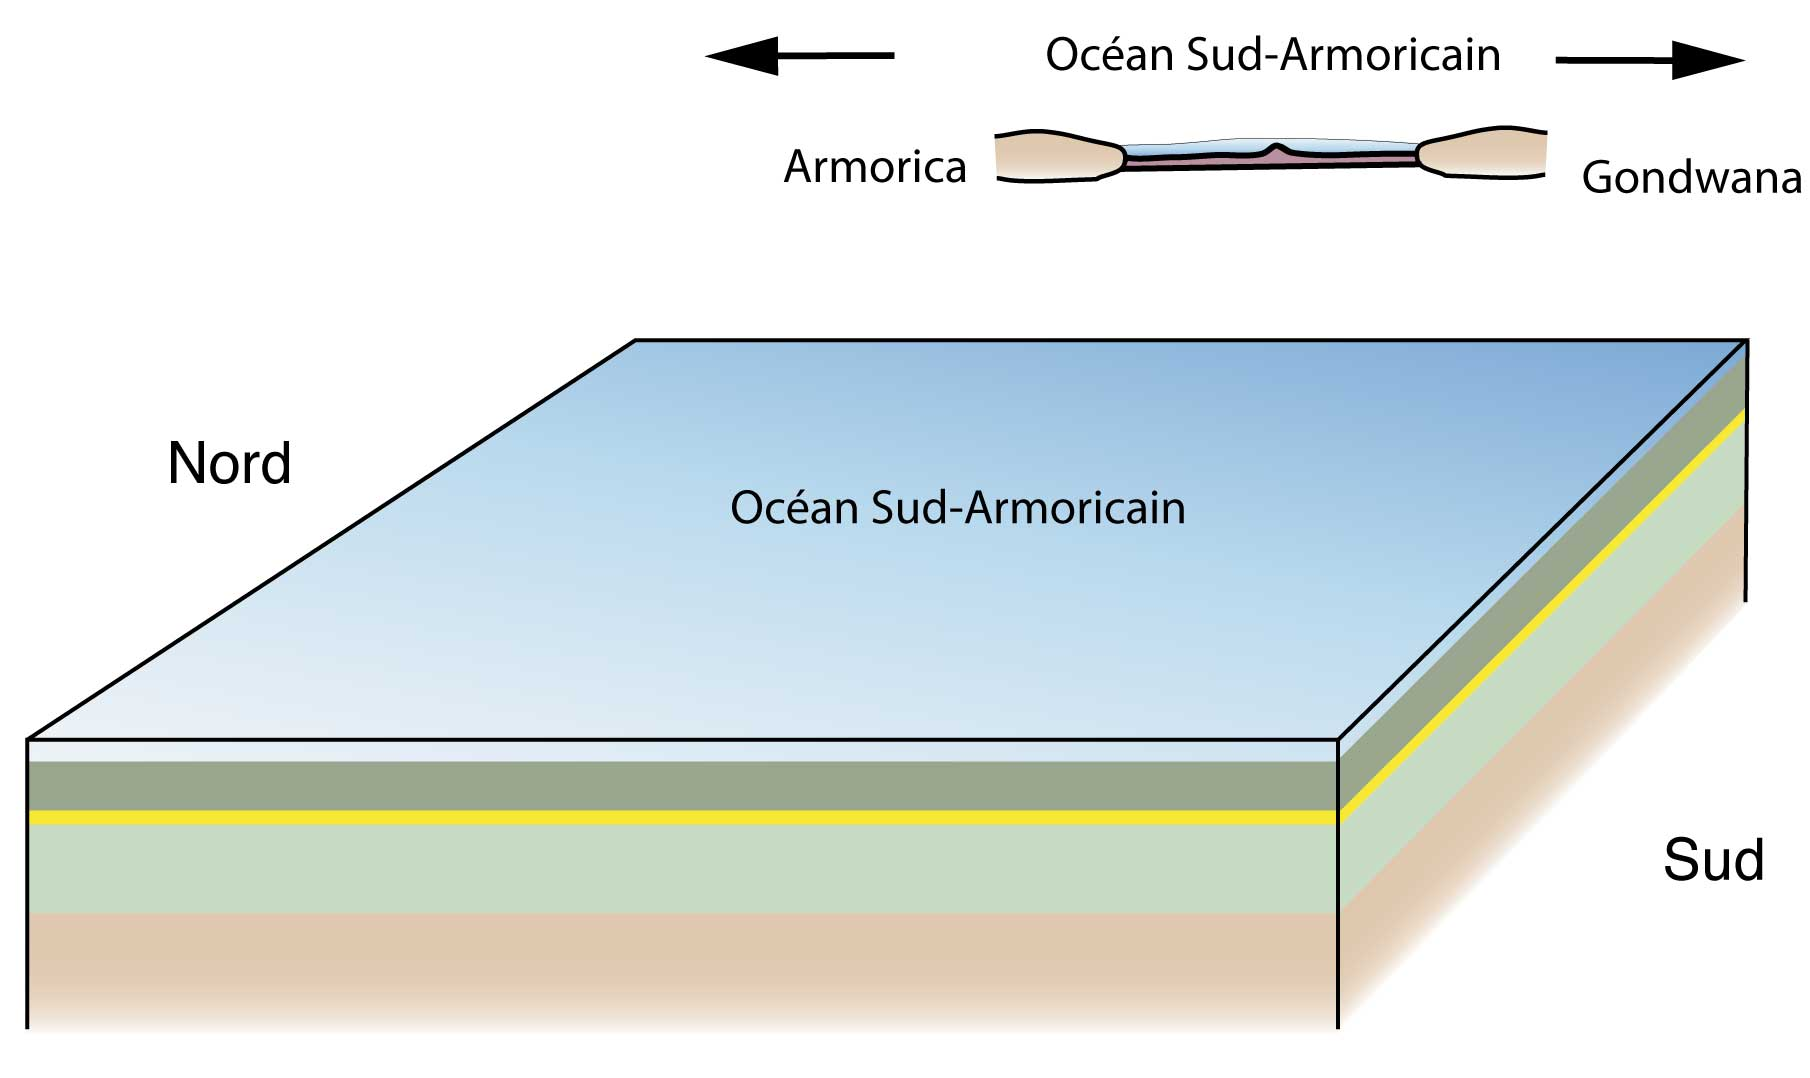 Il y a 500 Ma environ, les Cévennes correspondent à un océan où se déposent des sédiments. Vert clair : dépôts sableux et argileux ; Jaune: dépôts sableux ; Vert foncé : dépôts argileux.